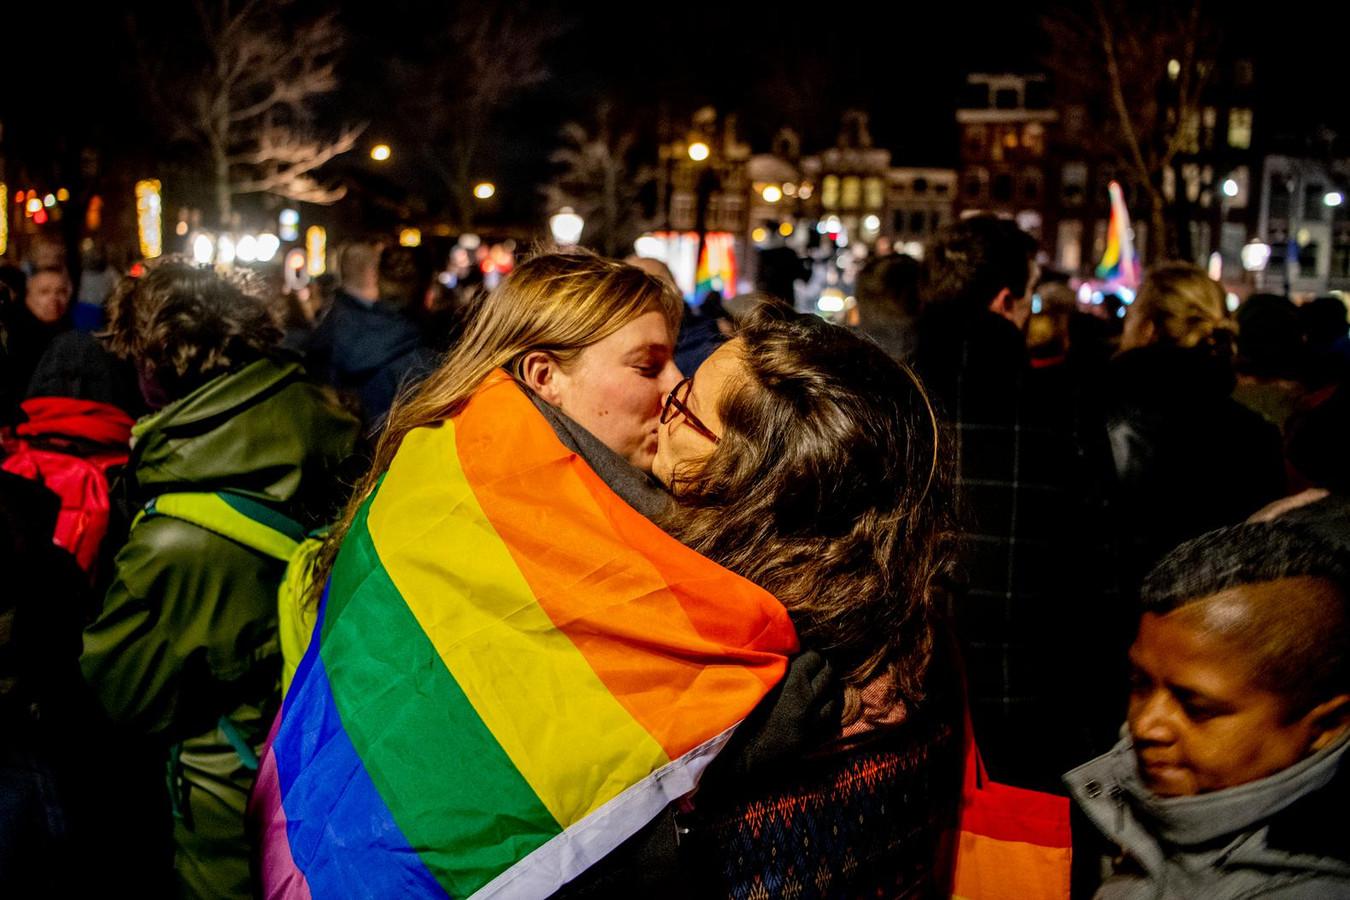 Twee zoenende vrouwen. Bijna de helft van ondervraagde jongeren in Rijssen-Holten vindt verliefdheid tussen mensen van hetzelfde geslacht op zijn minst een beetje raar.